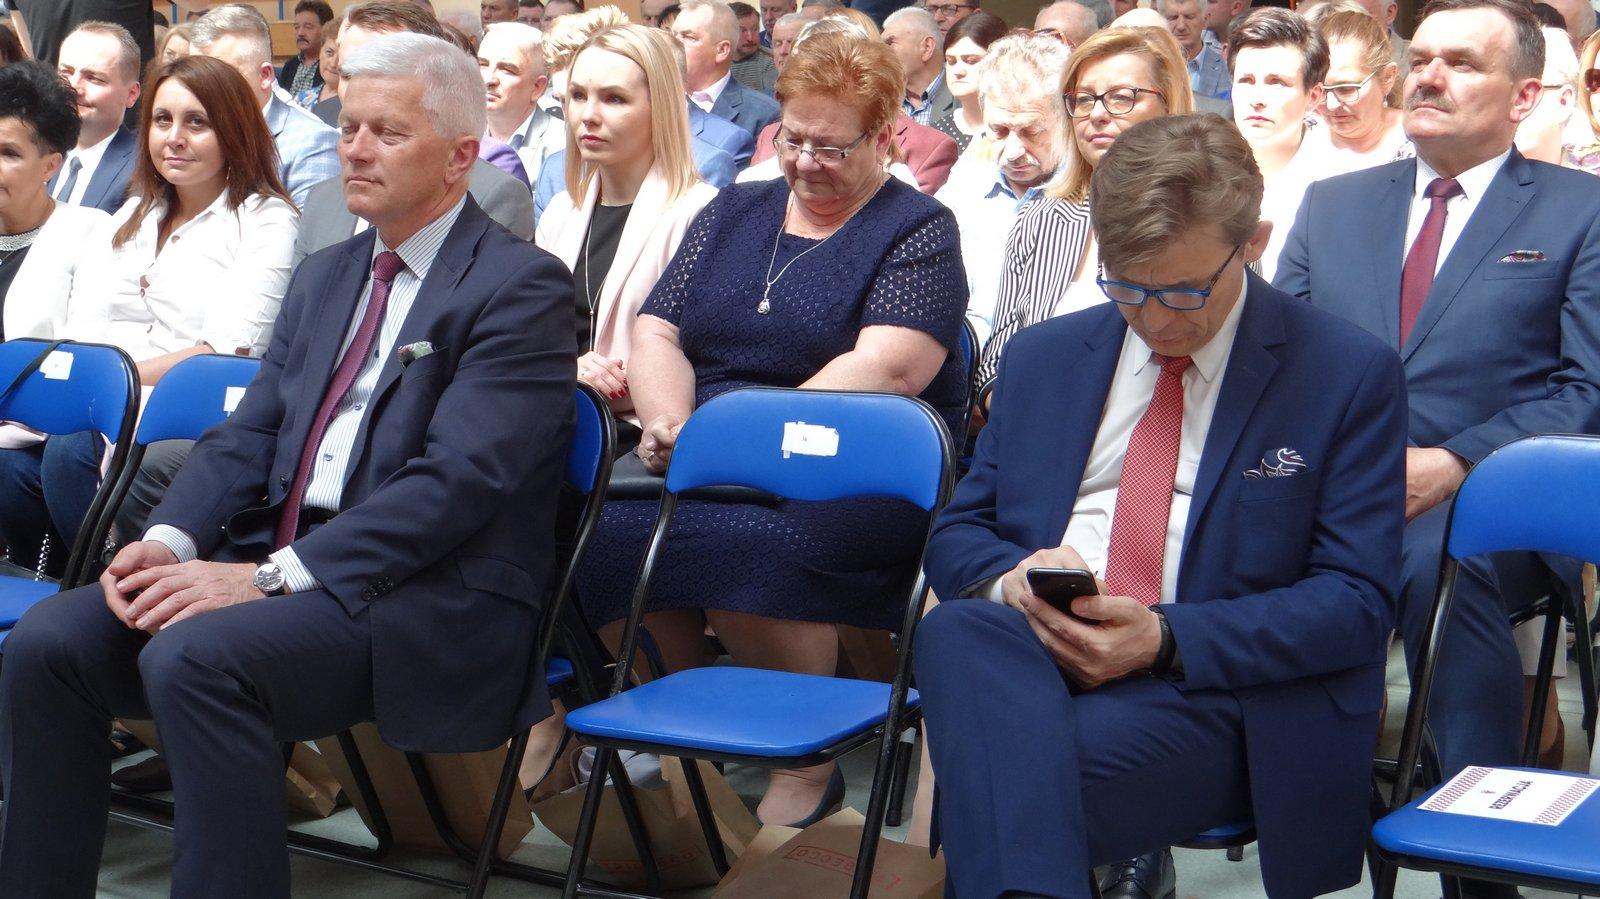 dsc09455 - Wielkopolska zaradność i pracowitość doceniona na Forum Wielkopolskiej Wsi Europejskiej